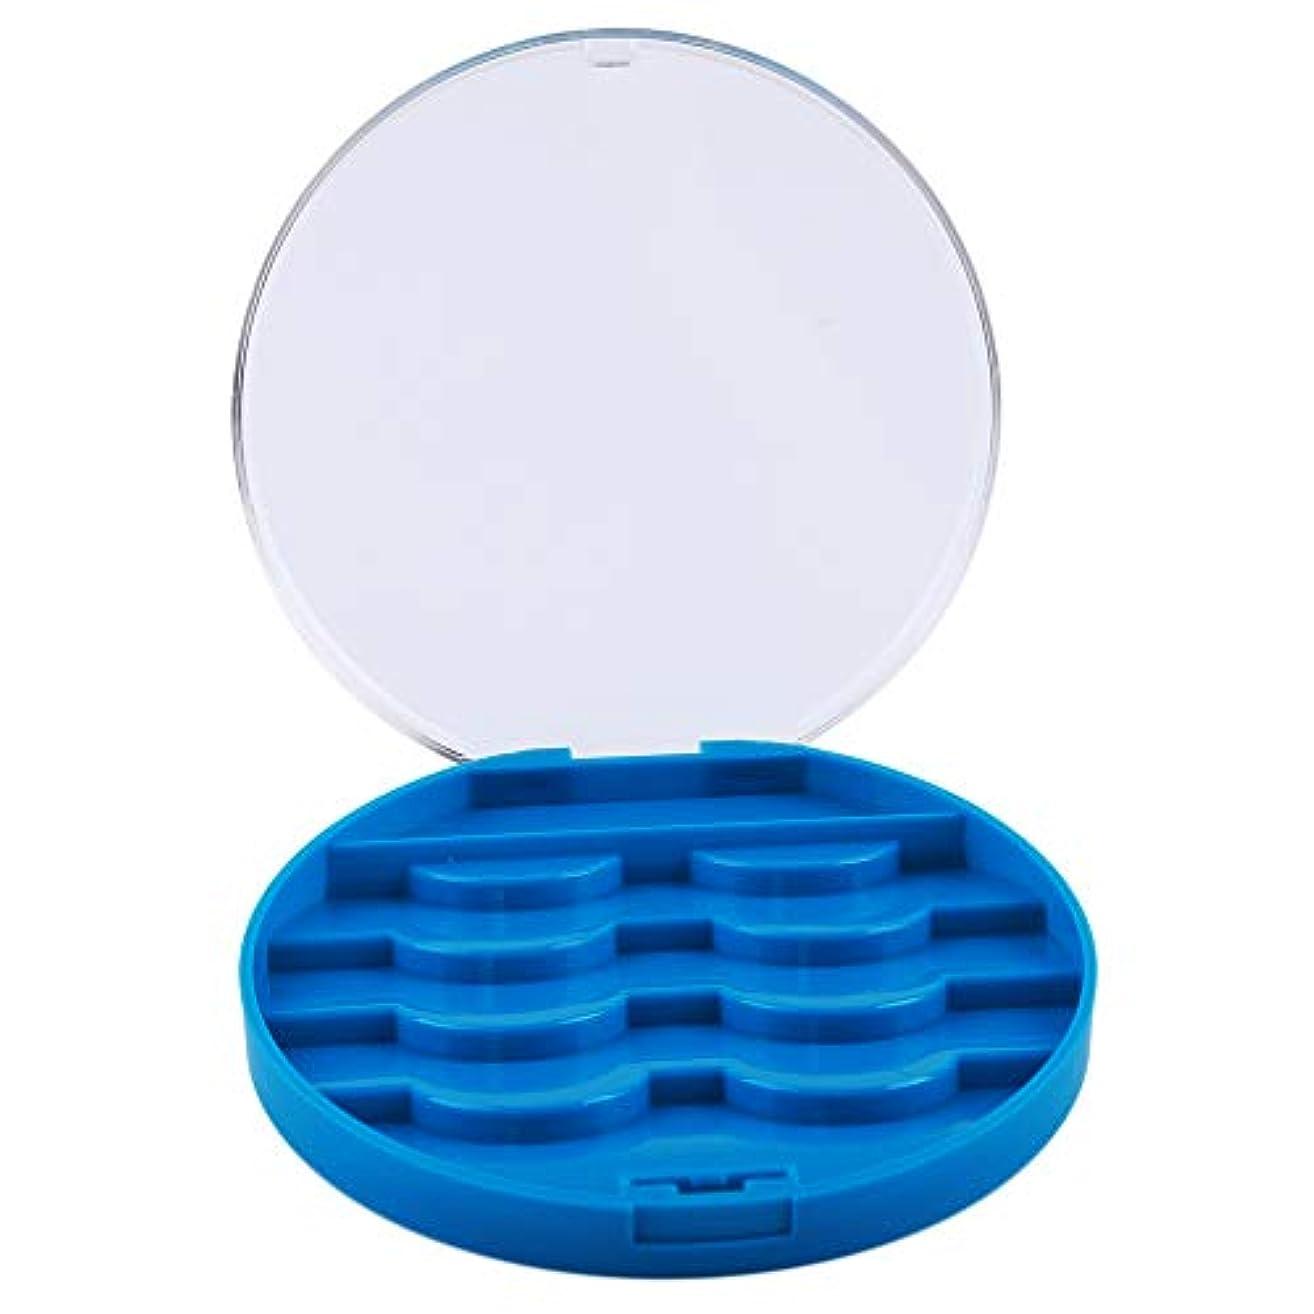 部分的に風が強い思春期JIOLK まつげケース 付けまつげ まつげ 収納ボックス 小物収納ケース 便利 メイクアップ 可愛 コンテナ ラッシュ ホルダー